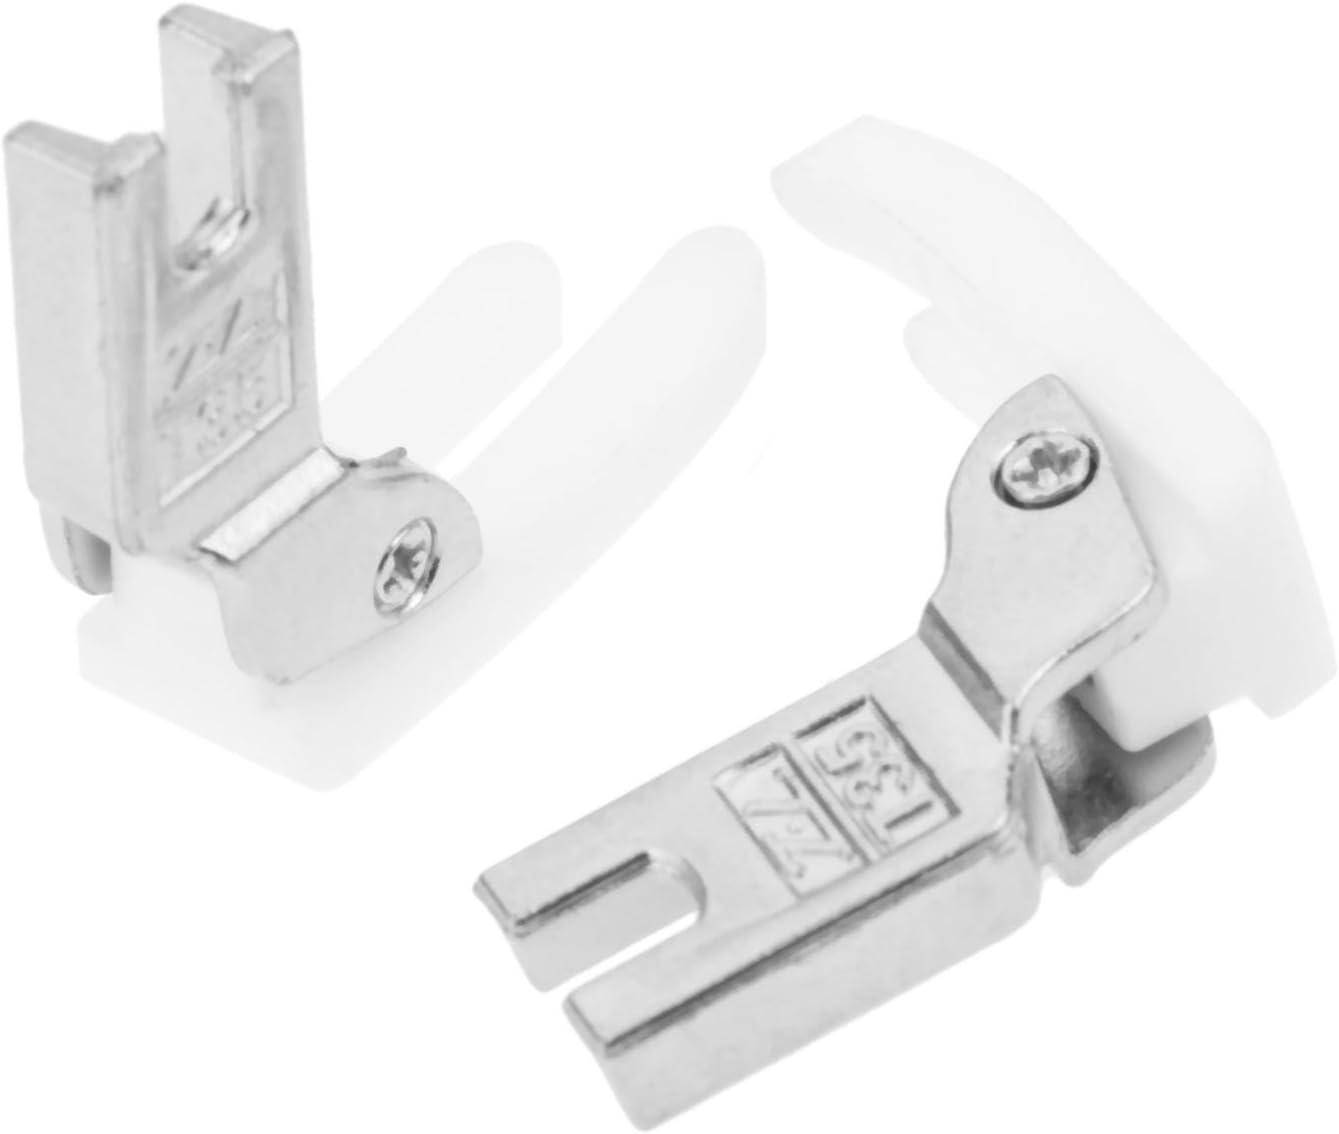 Prensatelas T35 para máquina de coser industrial con bisagras de ...